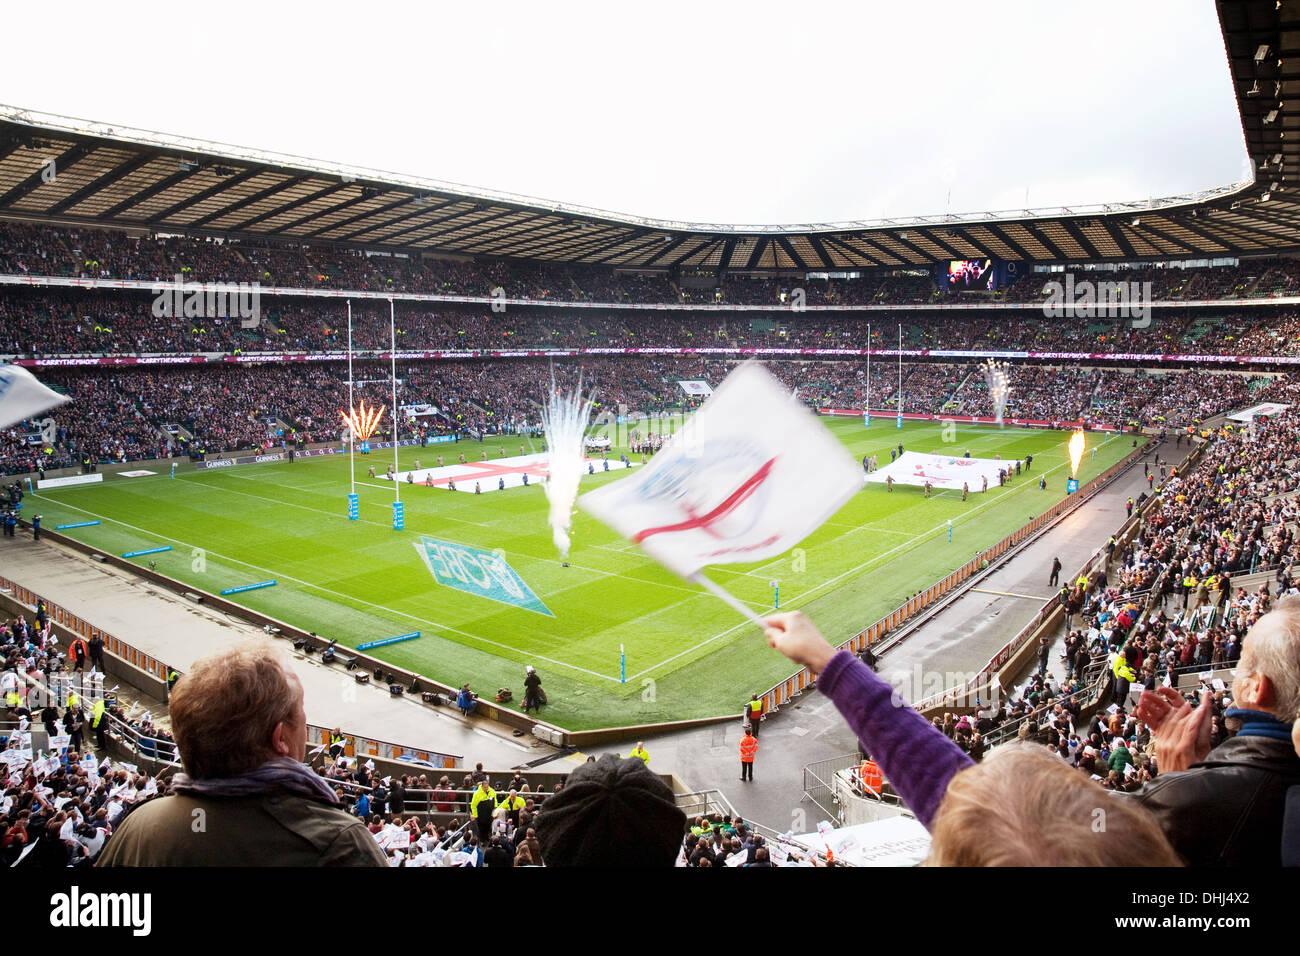 Le stade de Twickenham intérieur - fans lors d'un match de rugby international entre l'Angleterre et Photo Stock